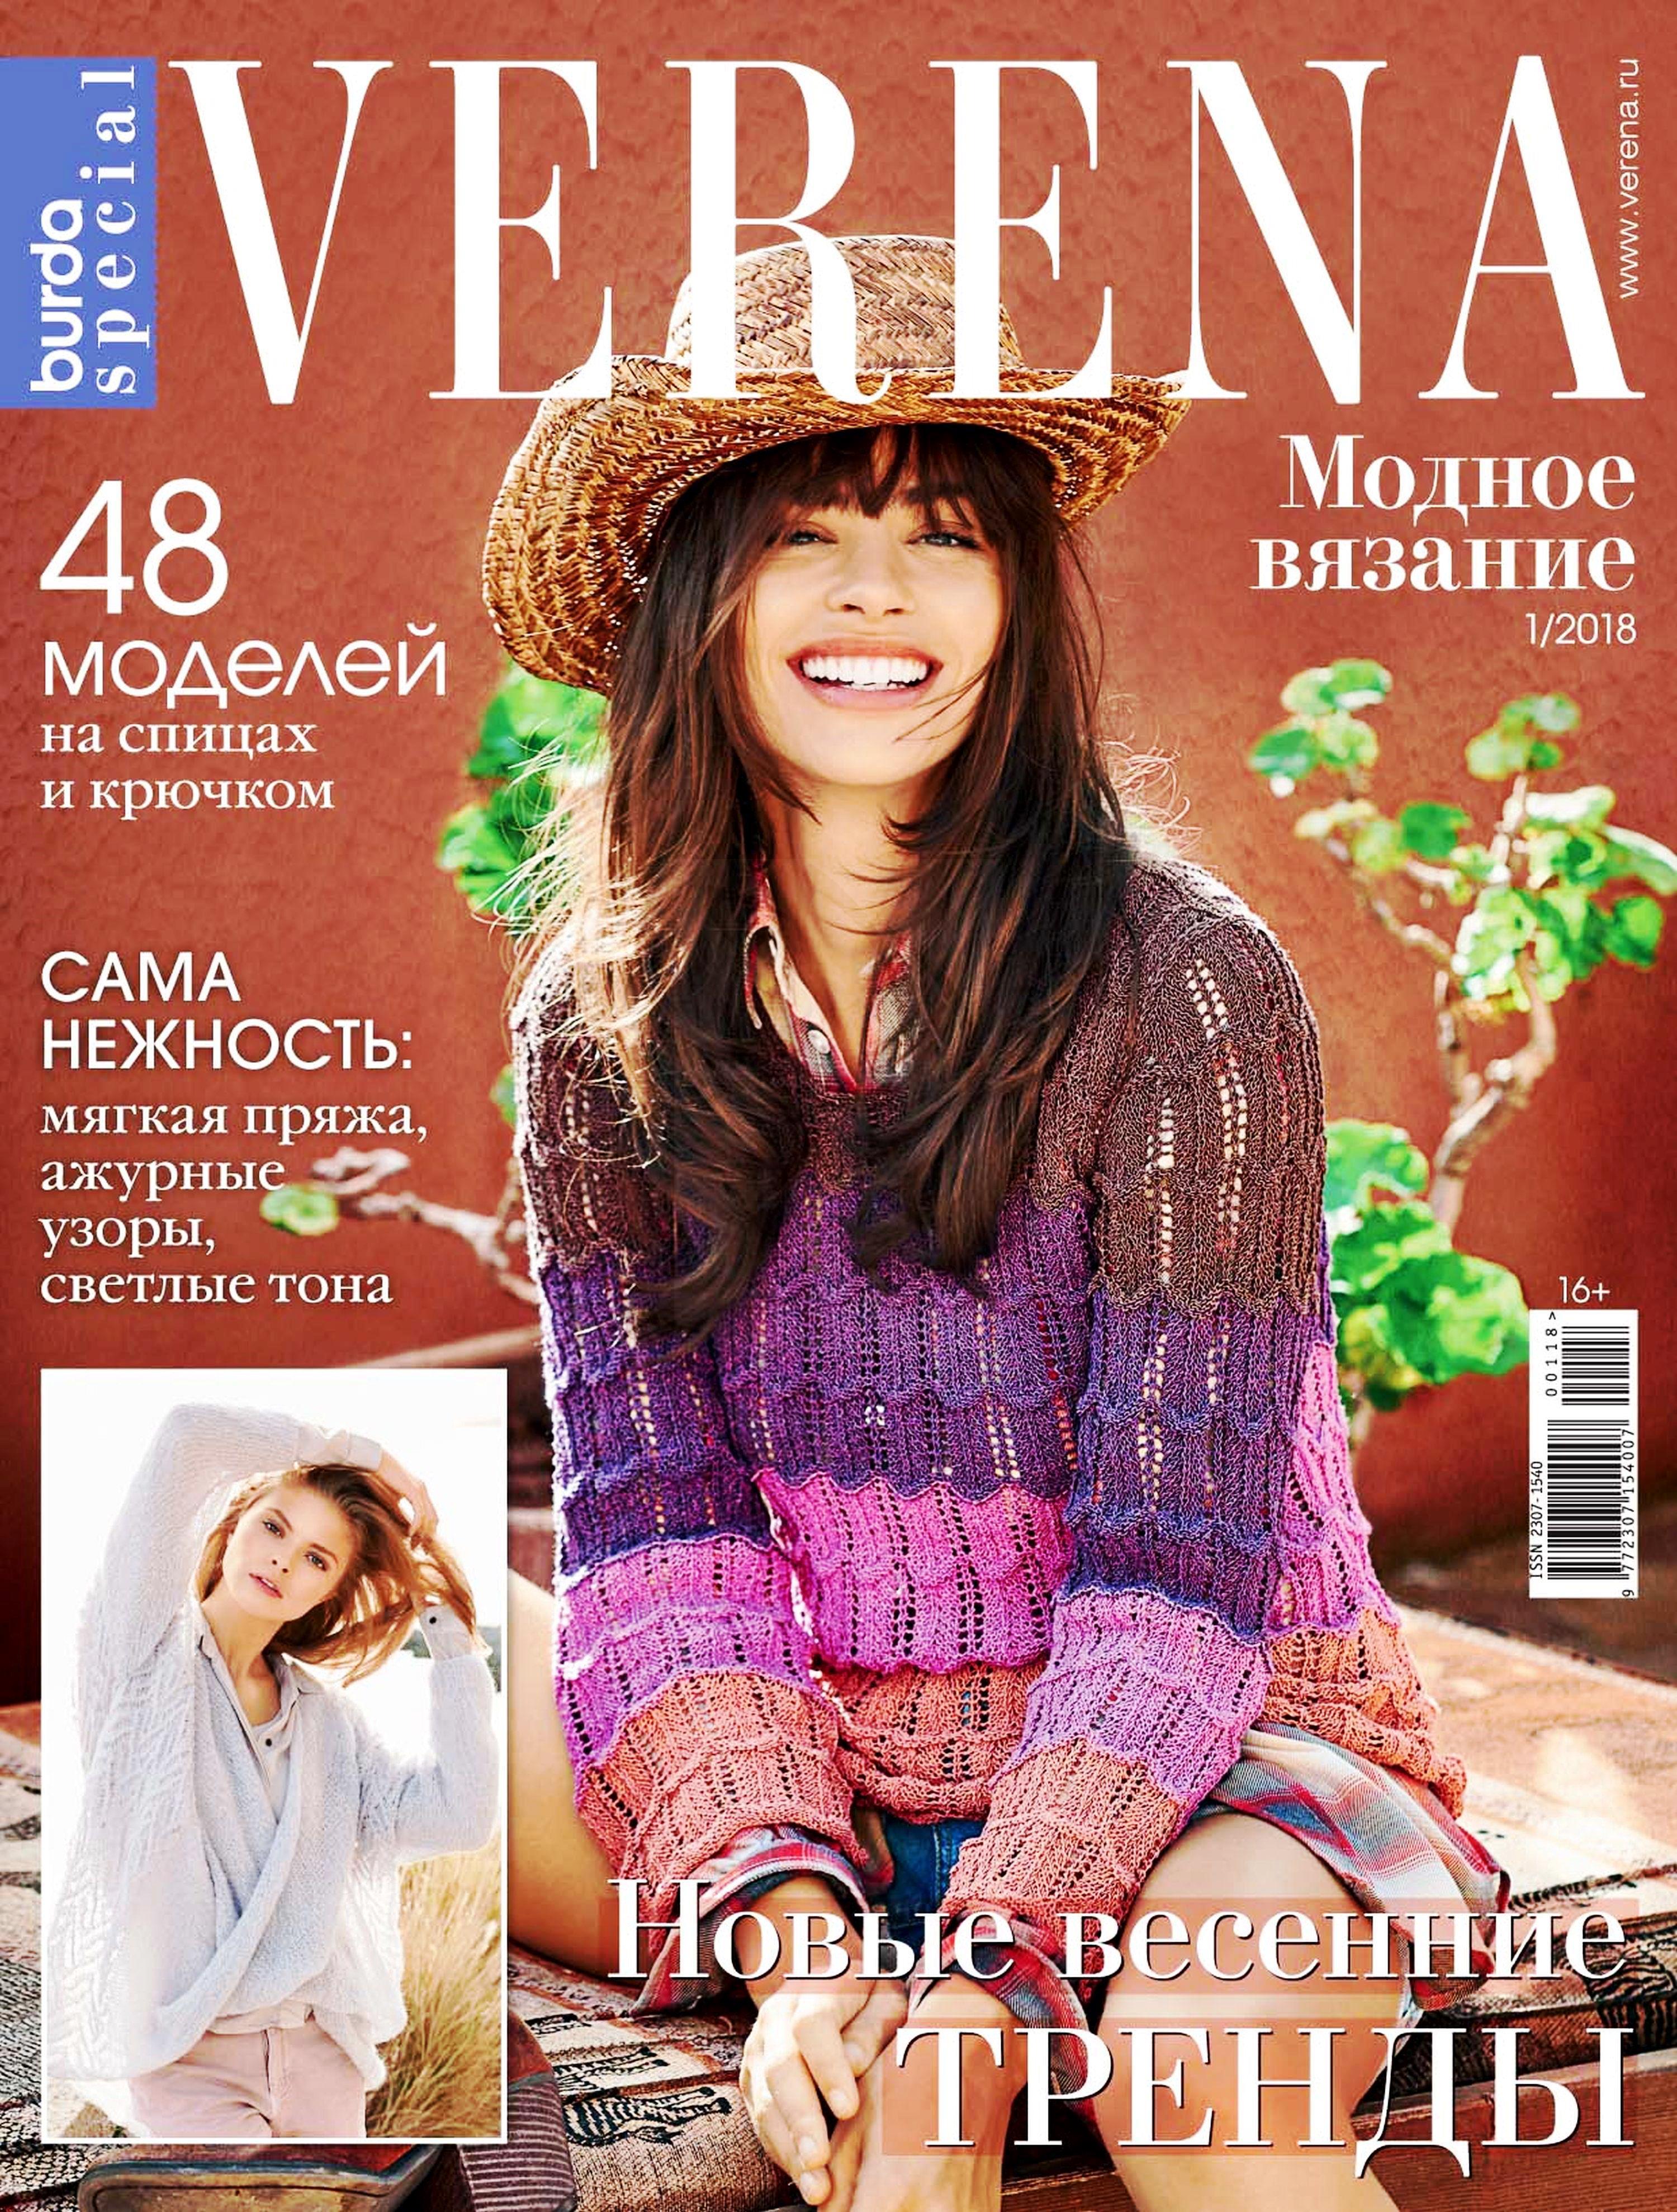 ff9919f5e1e7 Verena. Модное вязание №1 2018. Обсуждение на LiveInternet ...